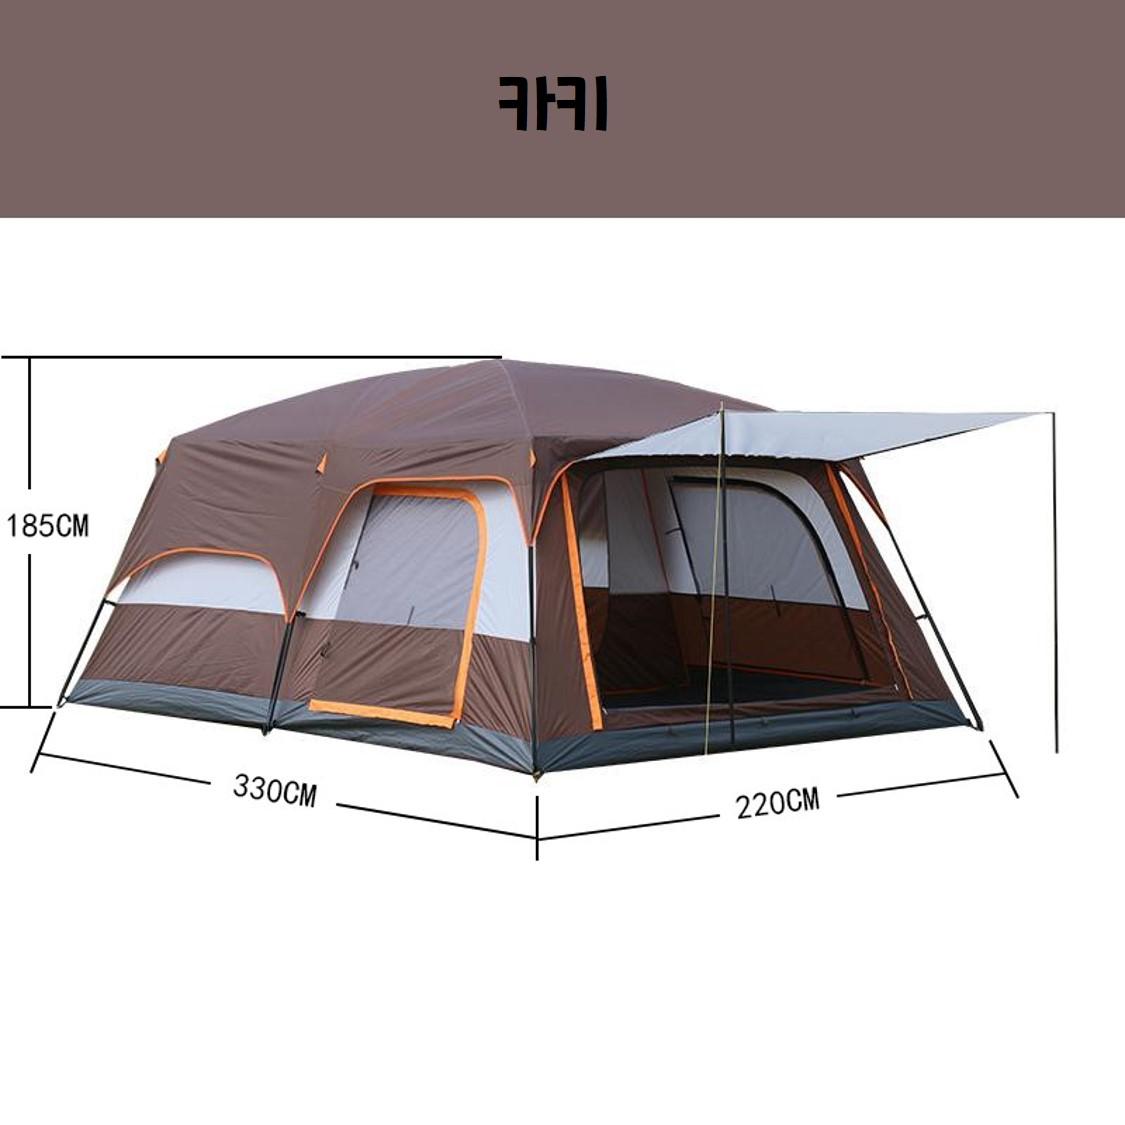 투룸 텐트 돔 겨울 쉘터 거실형 텐트, 카키